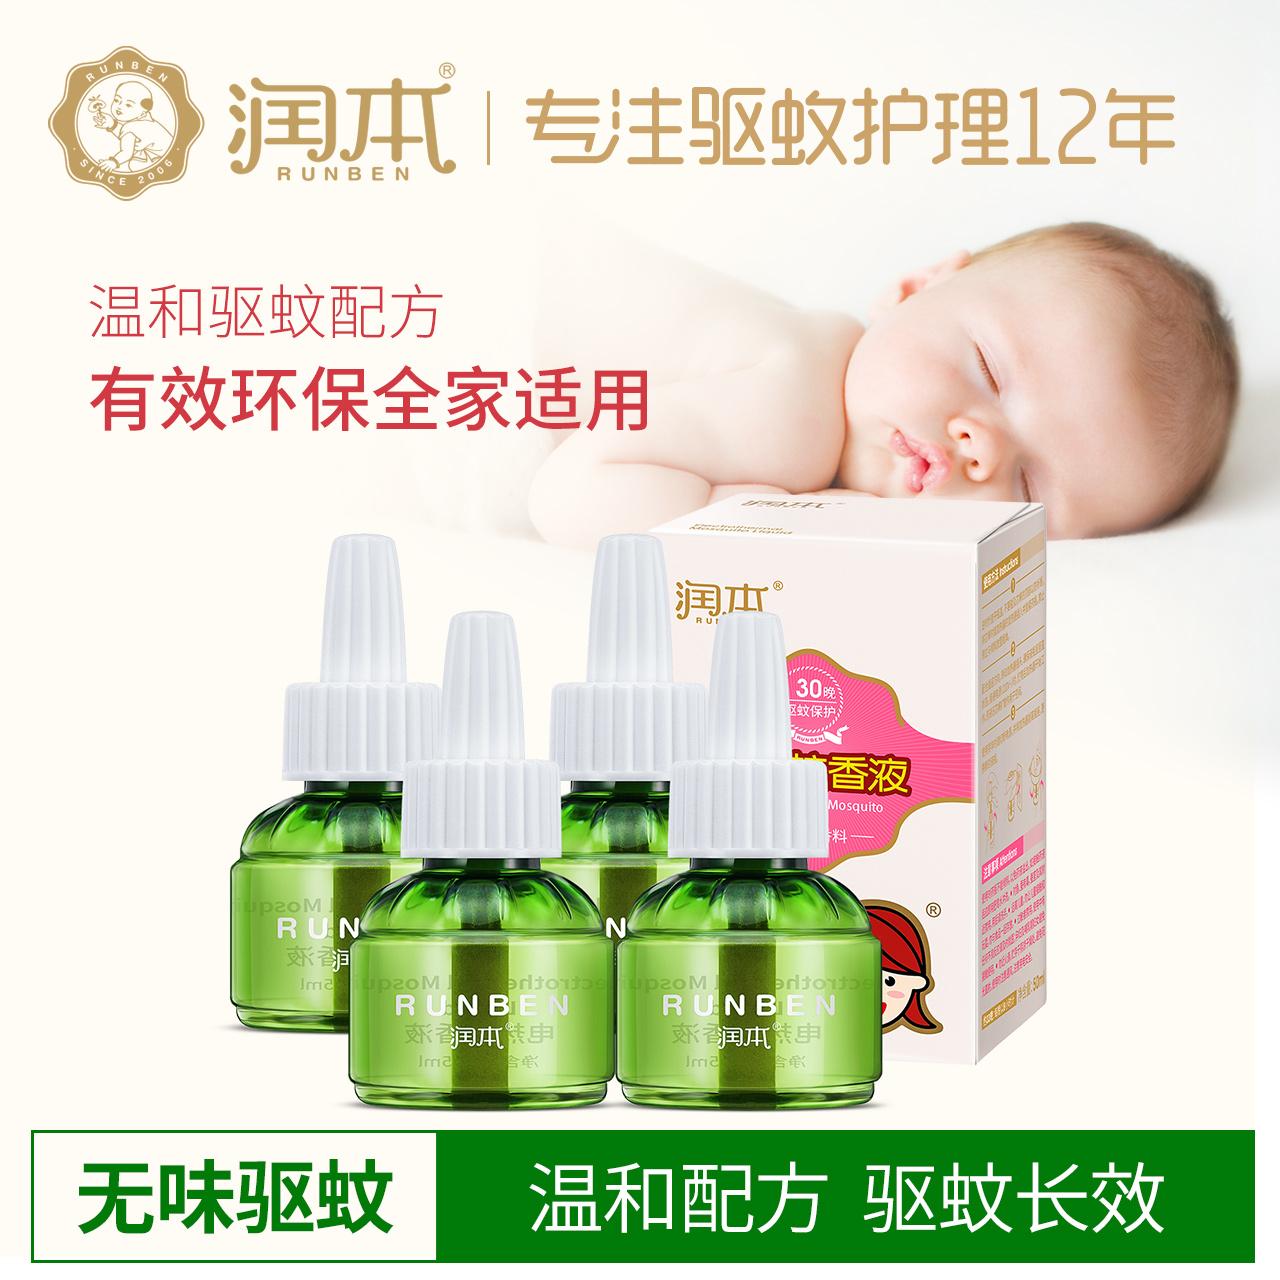 润本婴儿电热蚊香无味液家用驱蚊水灭蚊液家庭装无味型4瓶